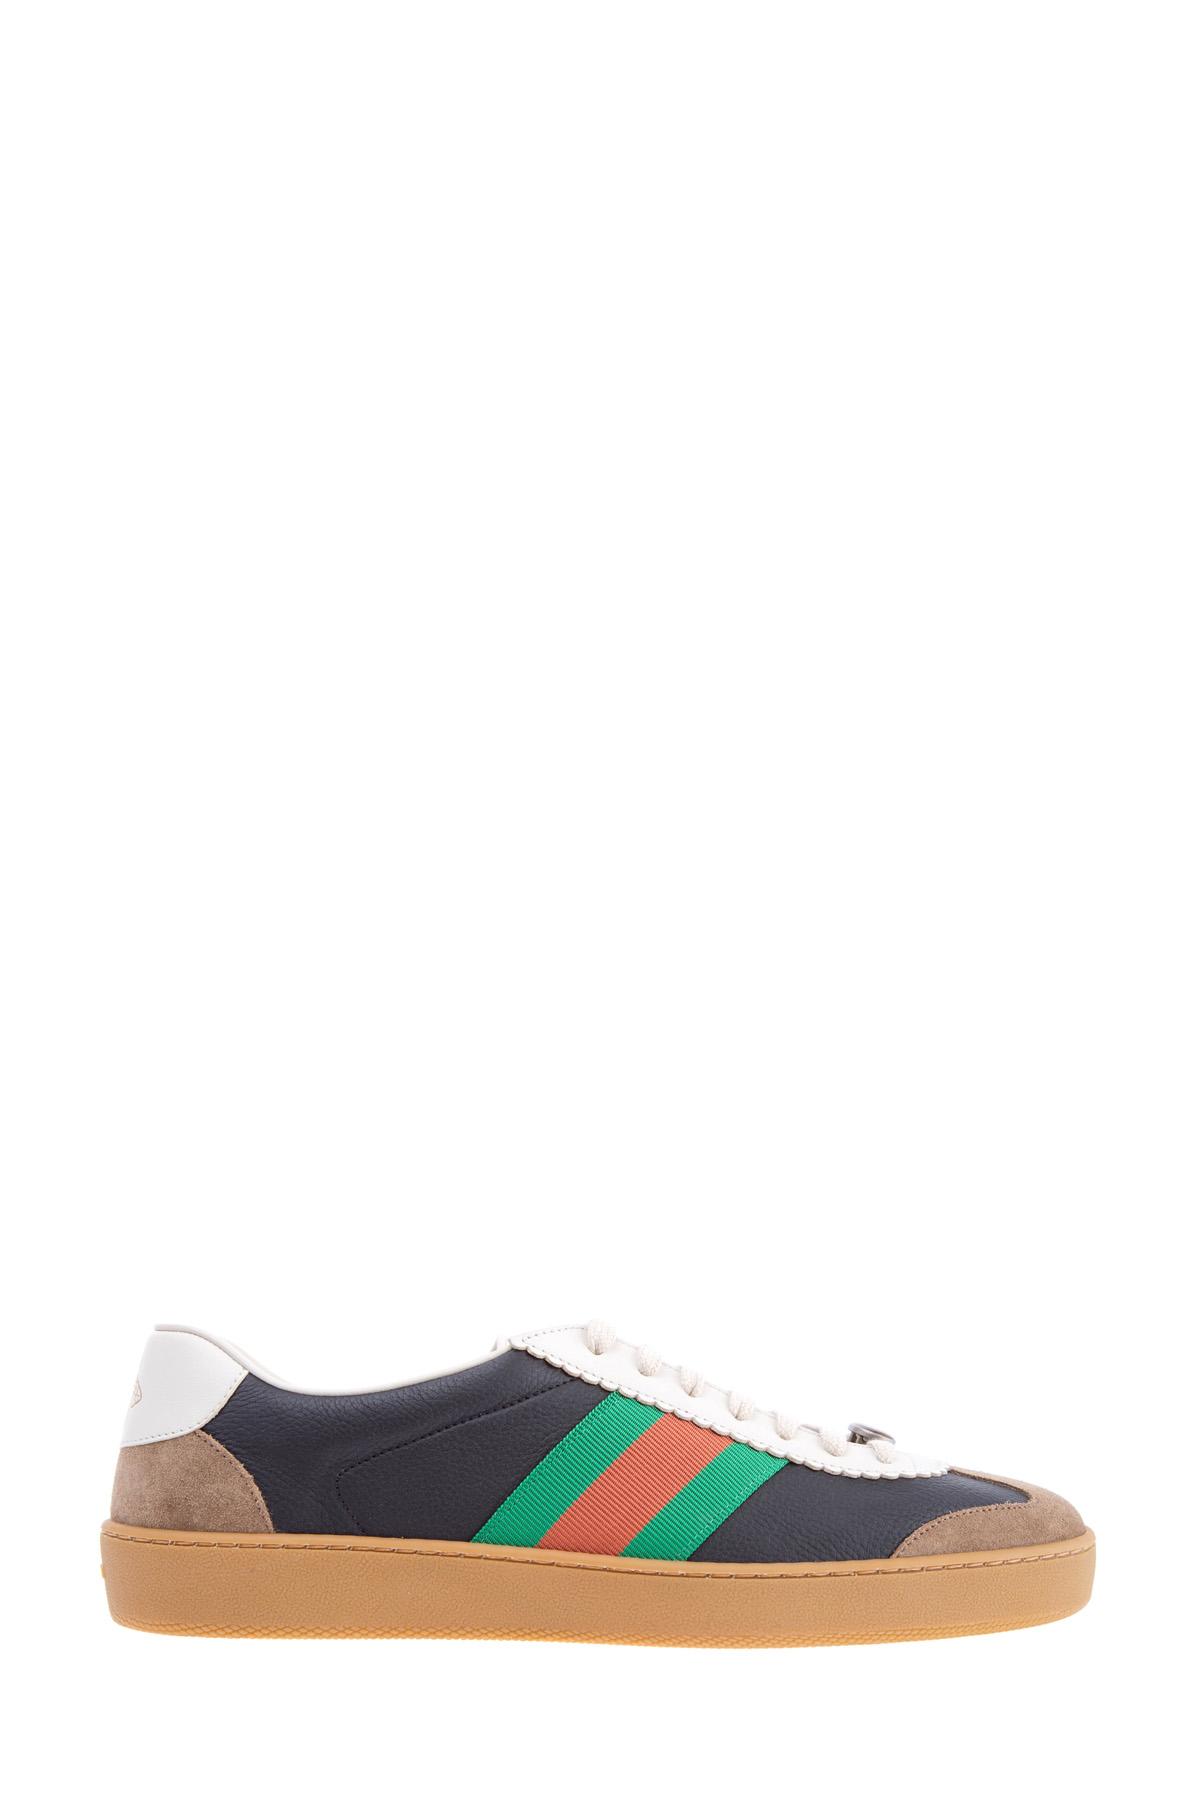 Купить Кеды в стиле баскетбольной обуви с 70-х годов с текстильными, замшевыми и кожаными вставками, GUCCI, Италия, кожа 100%, замша 100%